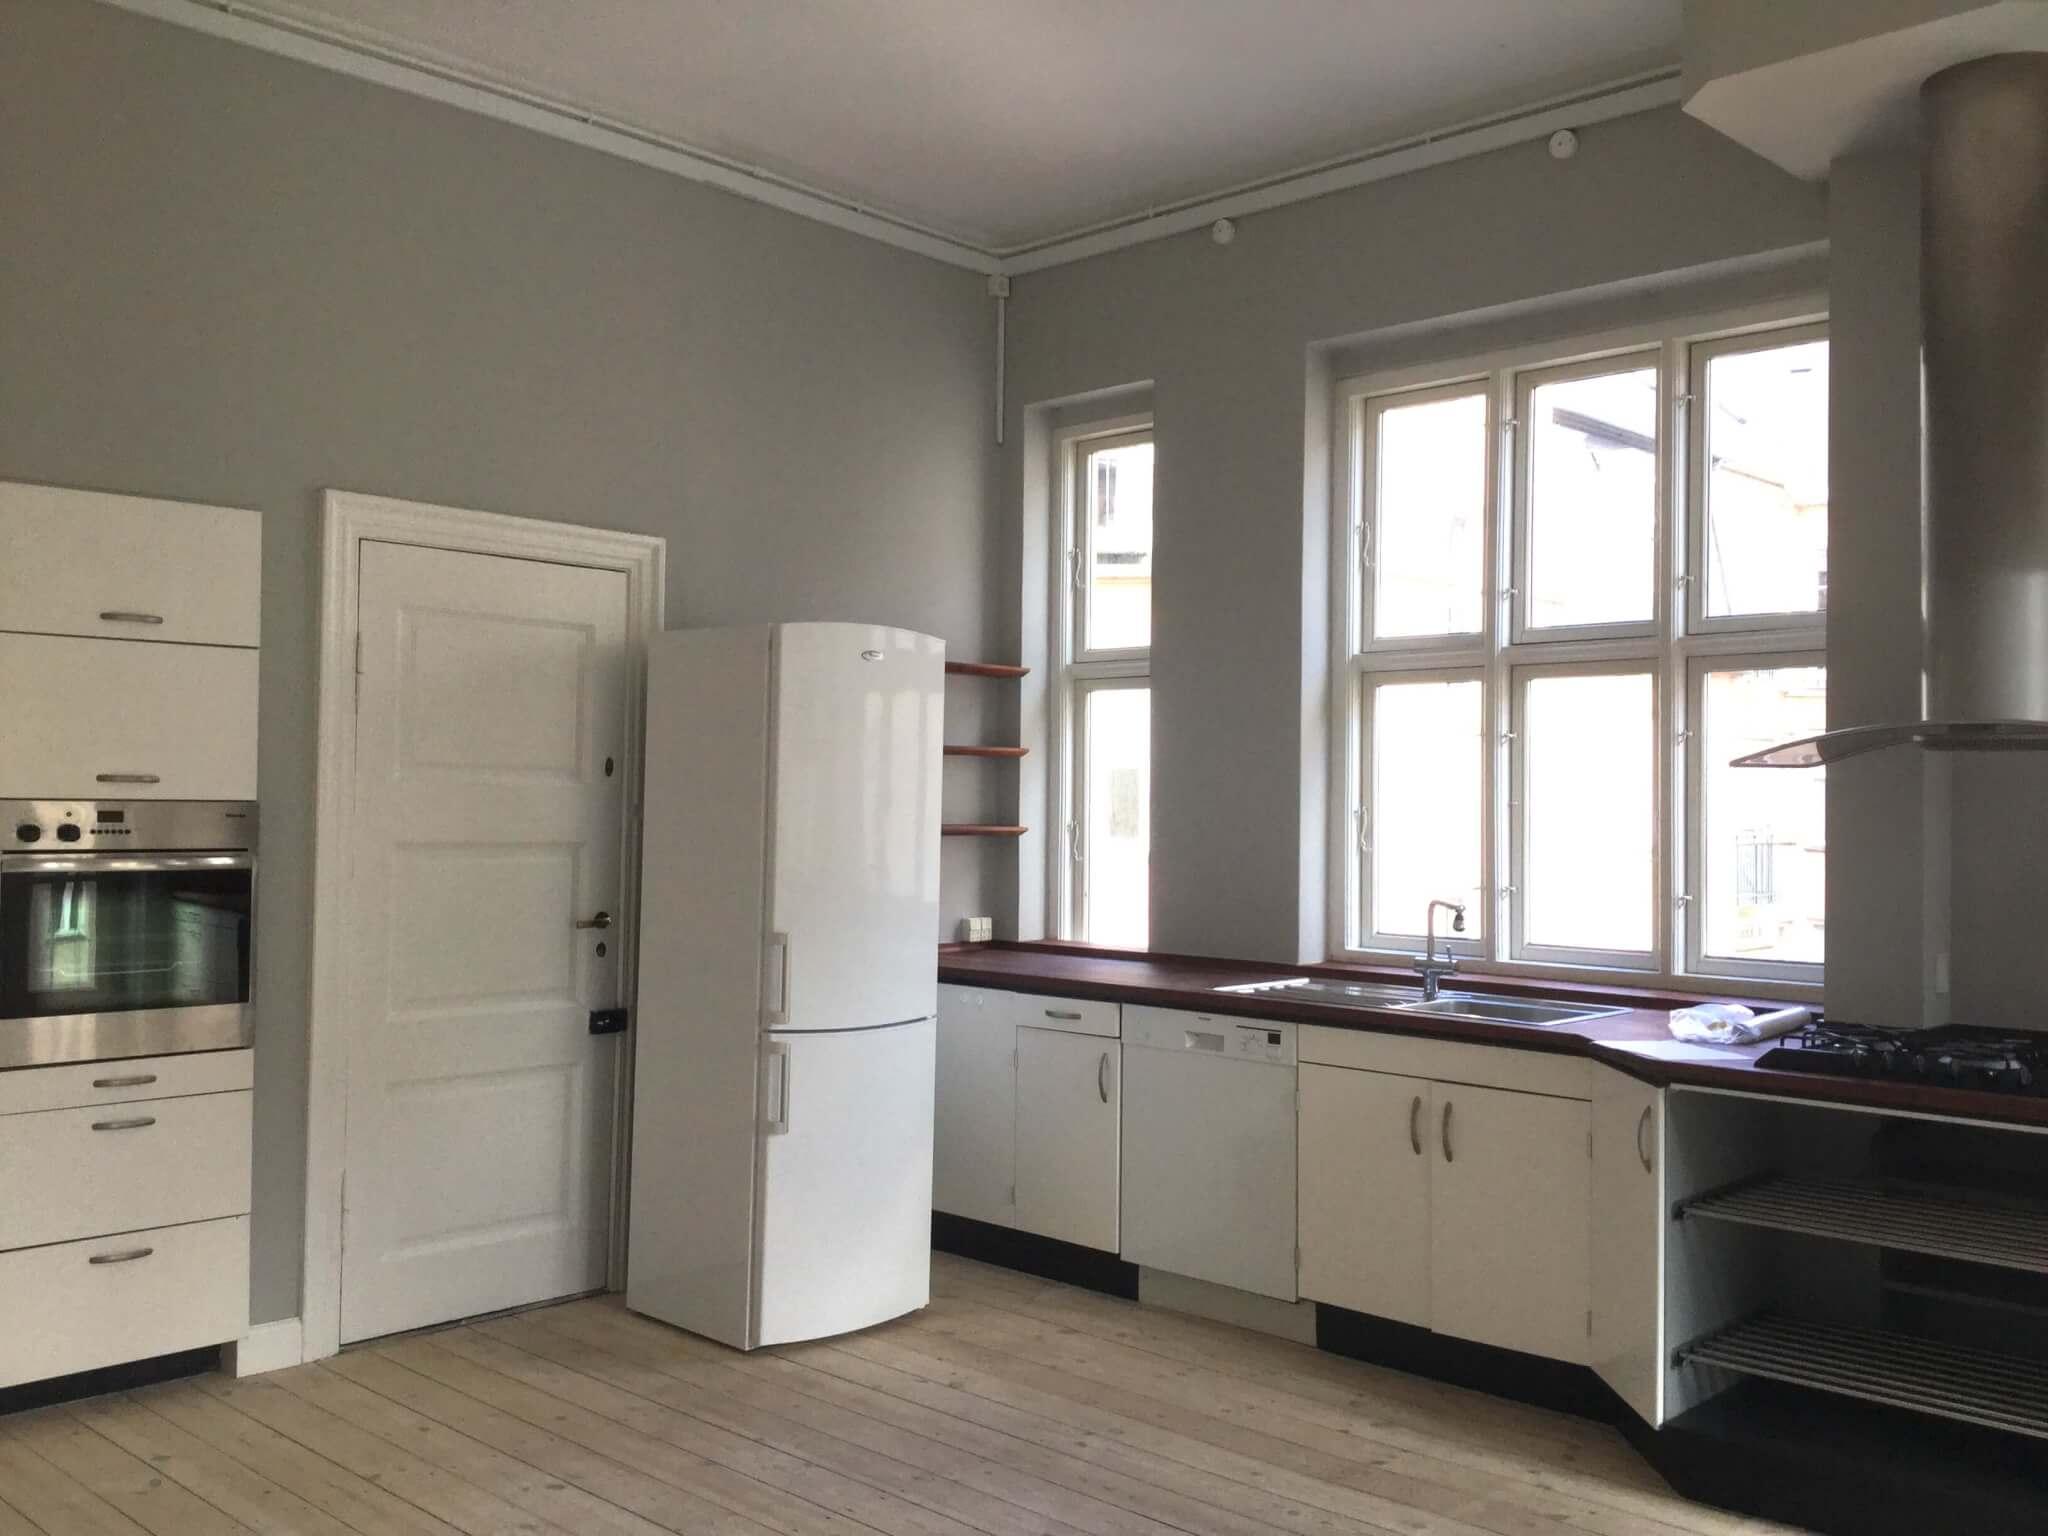 Køkken før renovering